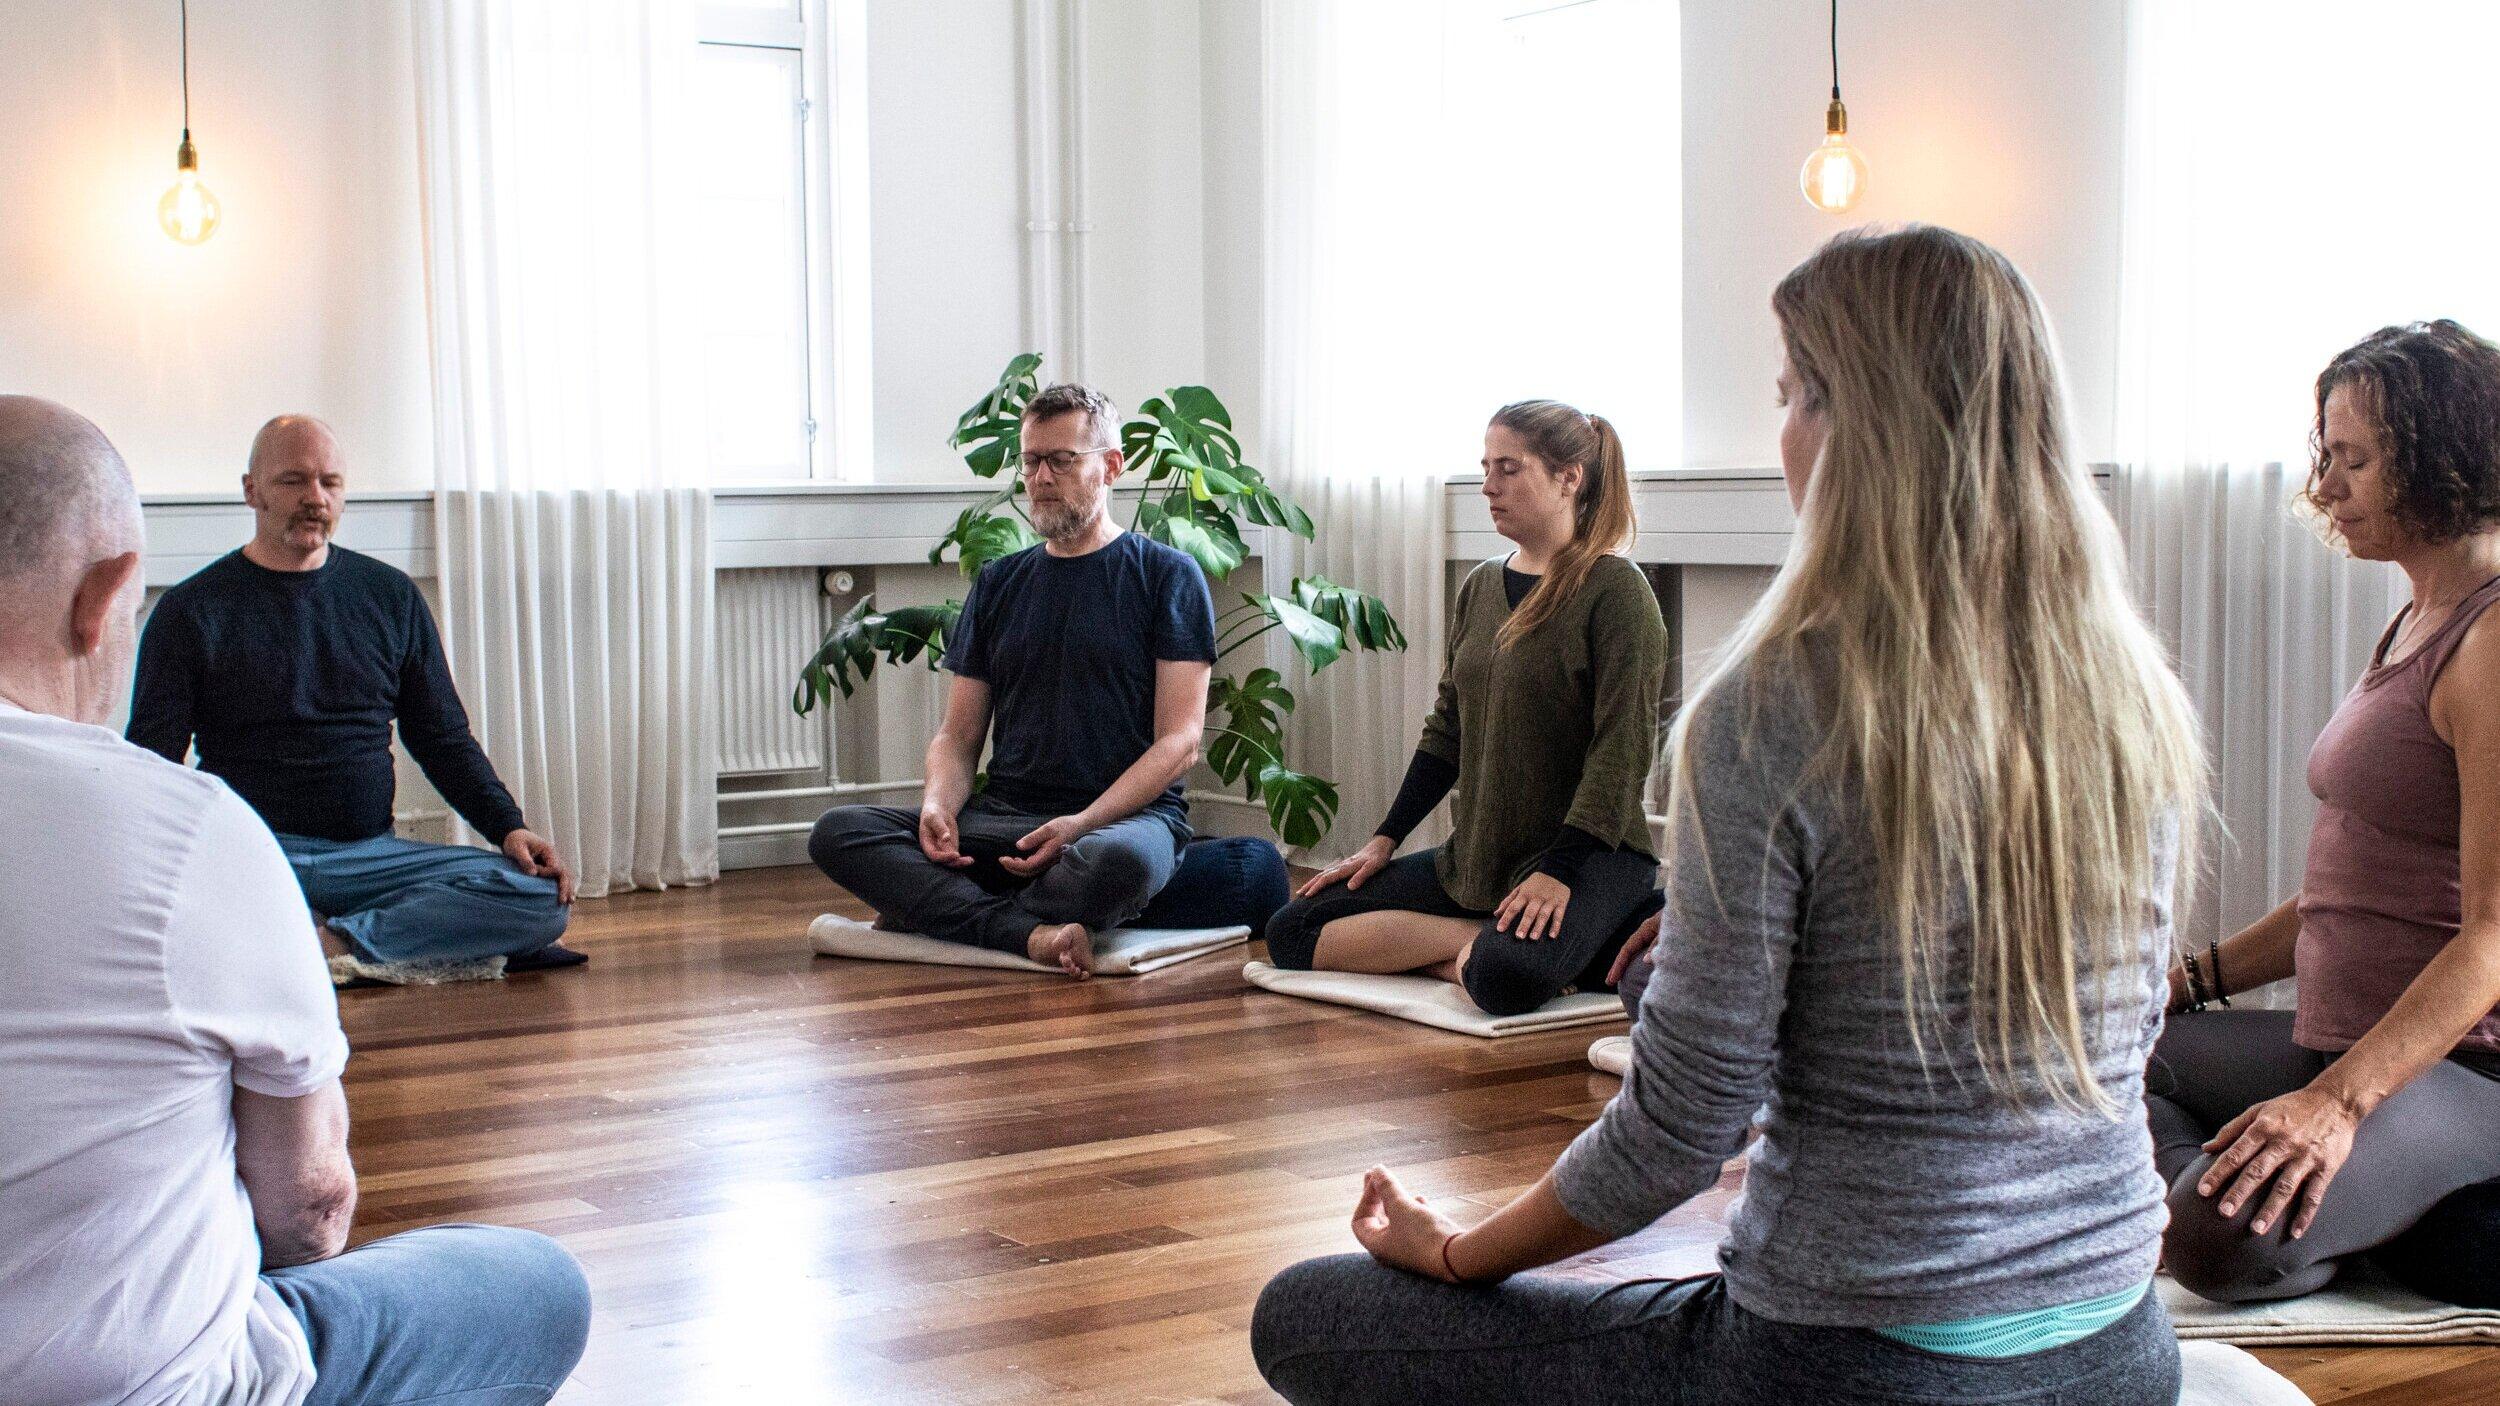 overbygning mindfulness.jpg